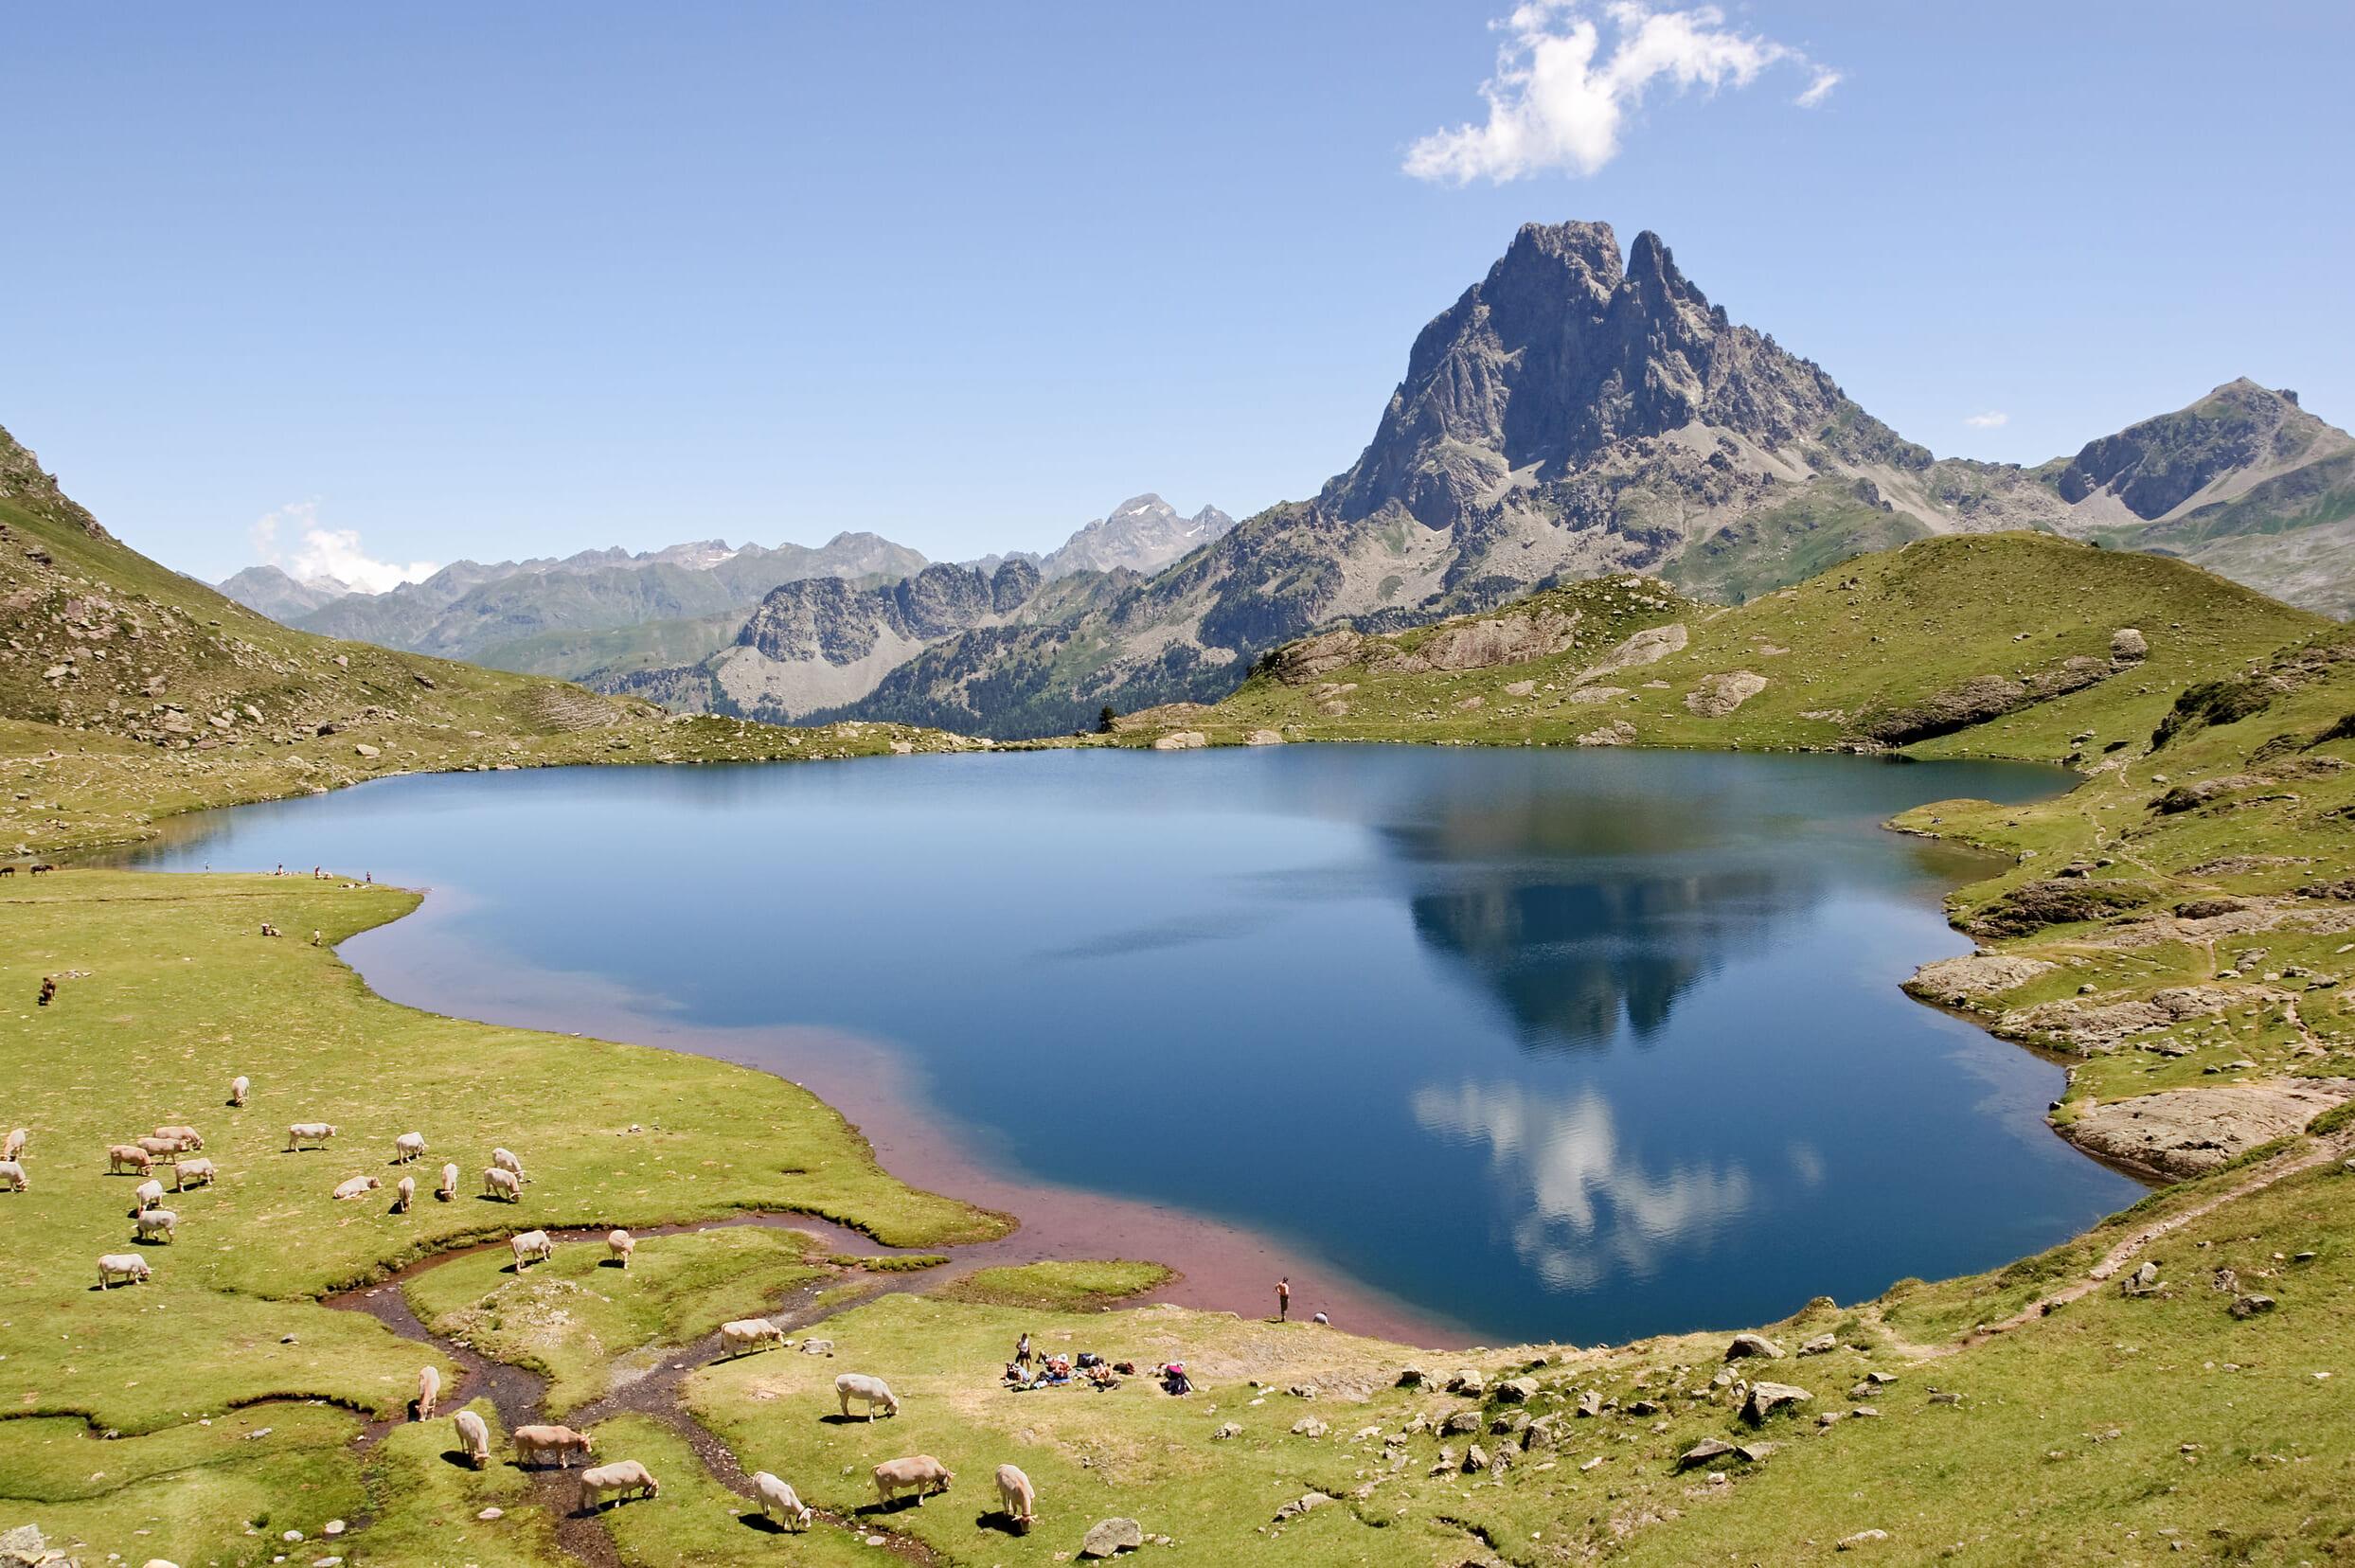 観光スポットであるピレネー山脈の山上湖